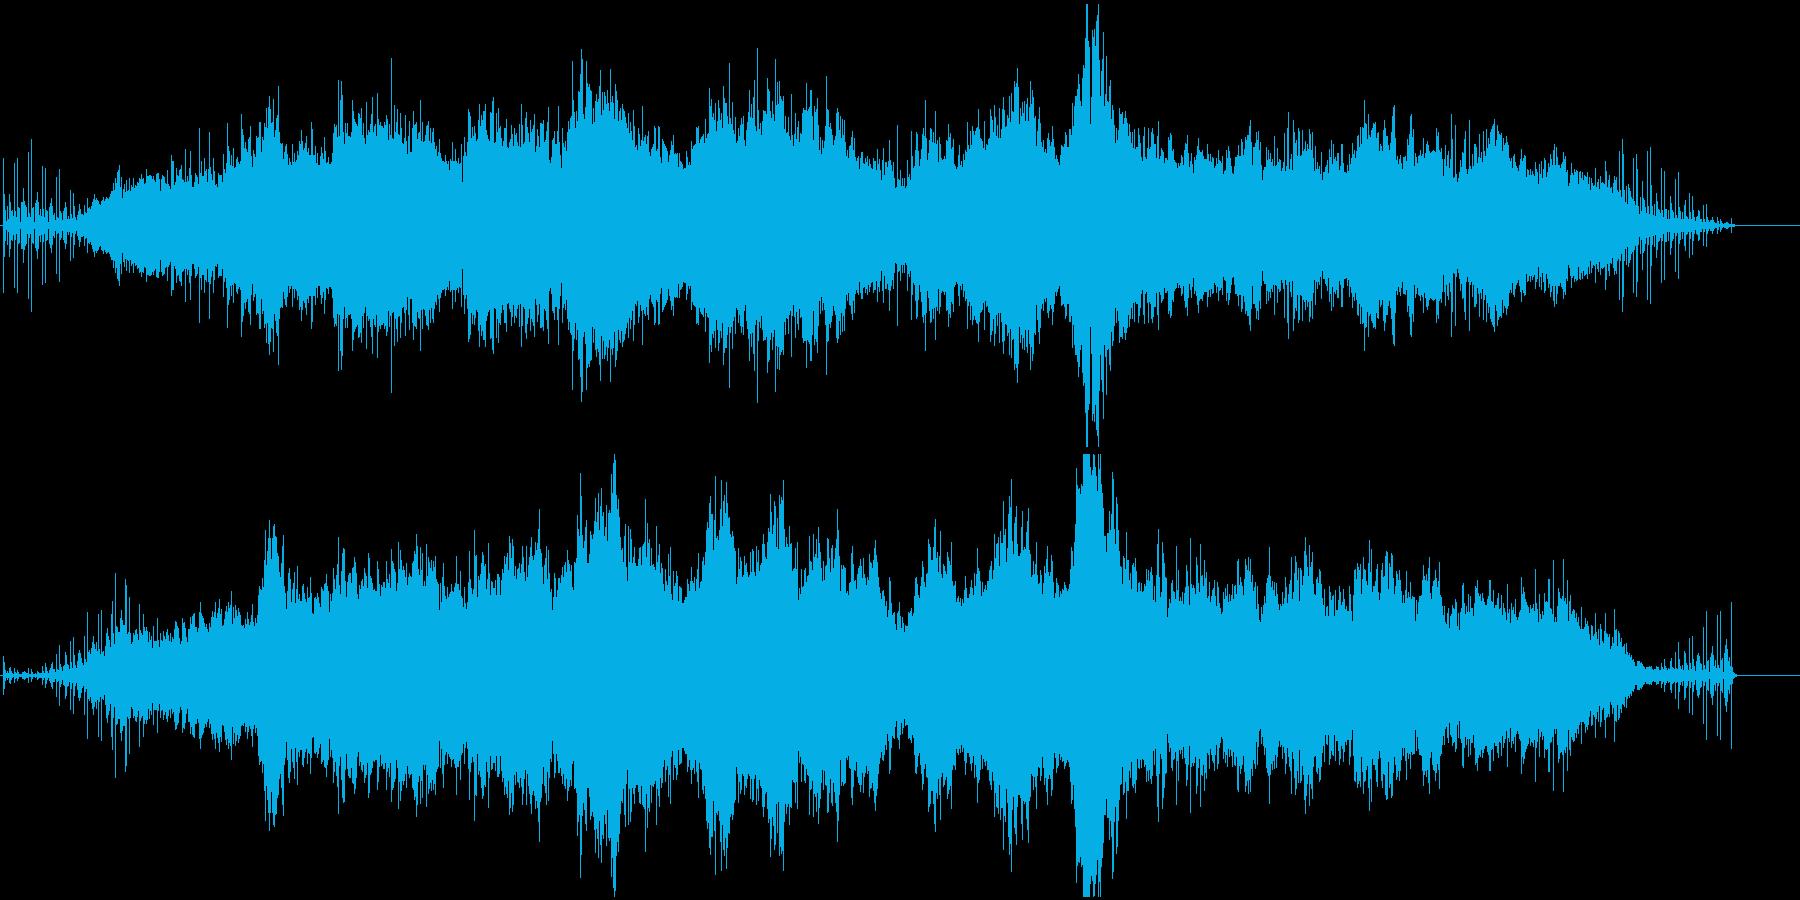 リズムボックスとシンセのアンビエントの再生済みの波形